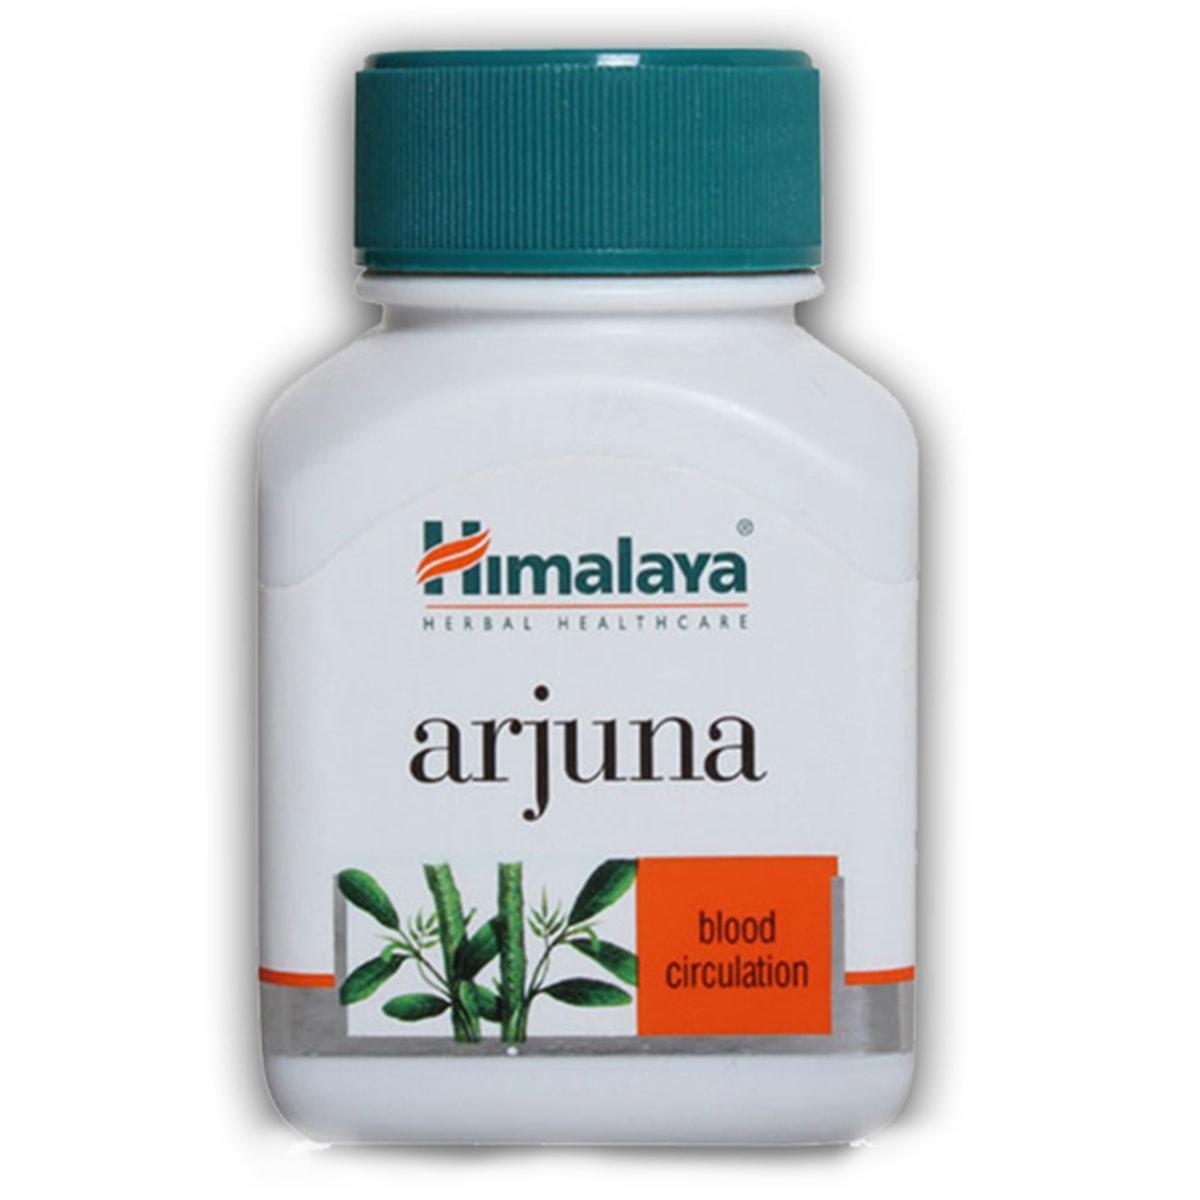 Buy Himalaya Herbals Arjuna Blood Circulation - 60 Capsules